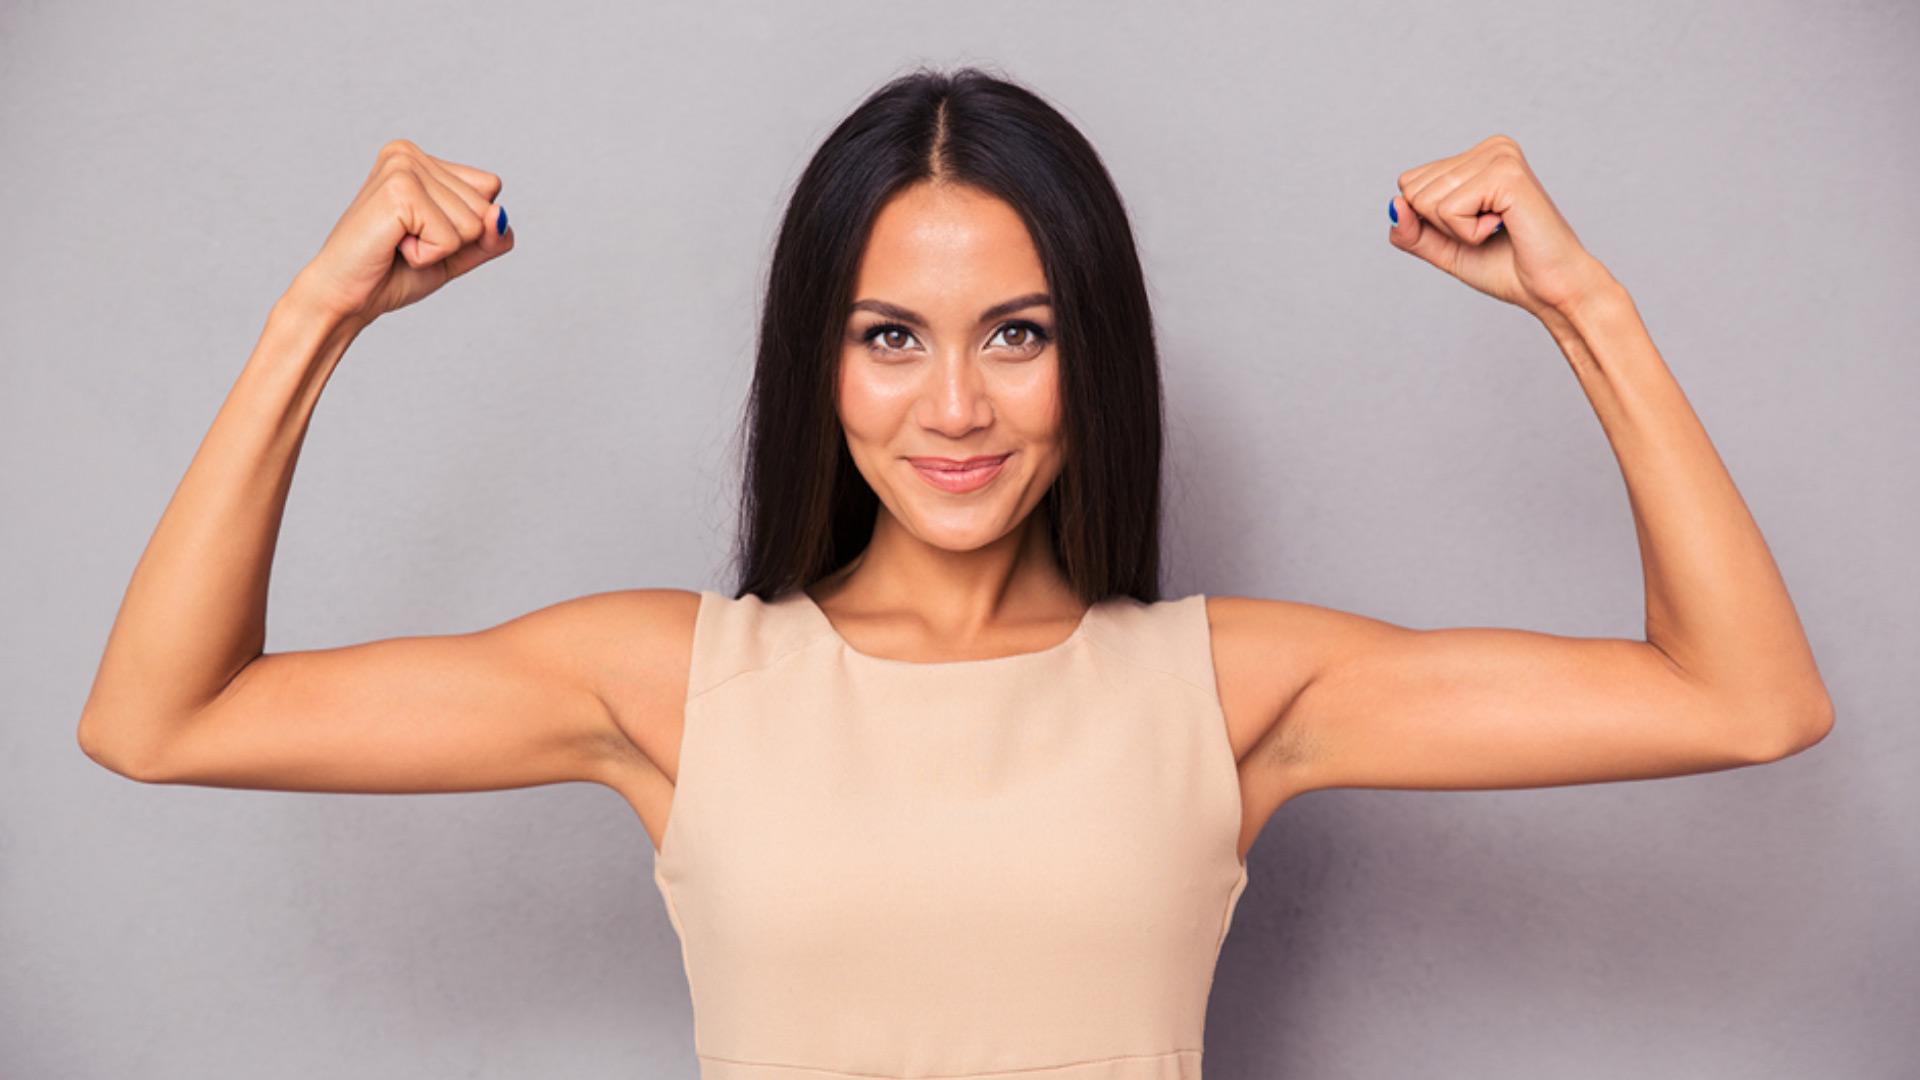 Lassità cutanea. Per rassodare i muscoli la palestra  è solo l'inizio.